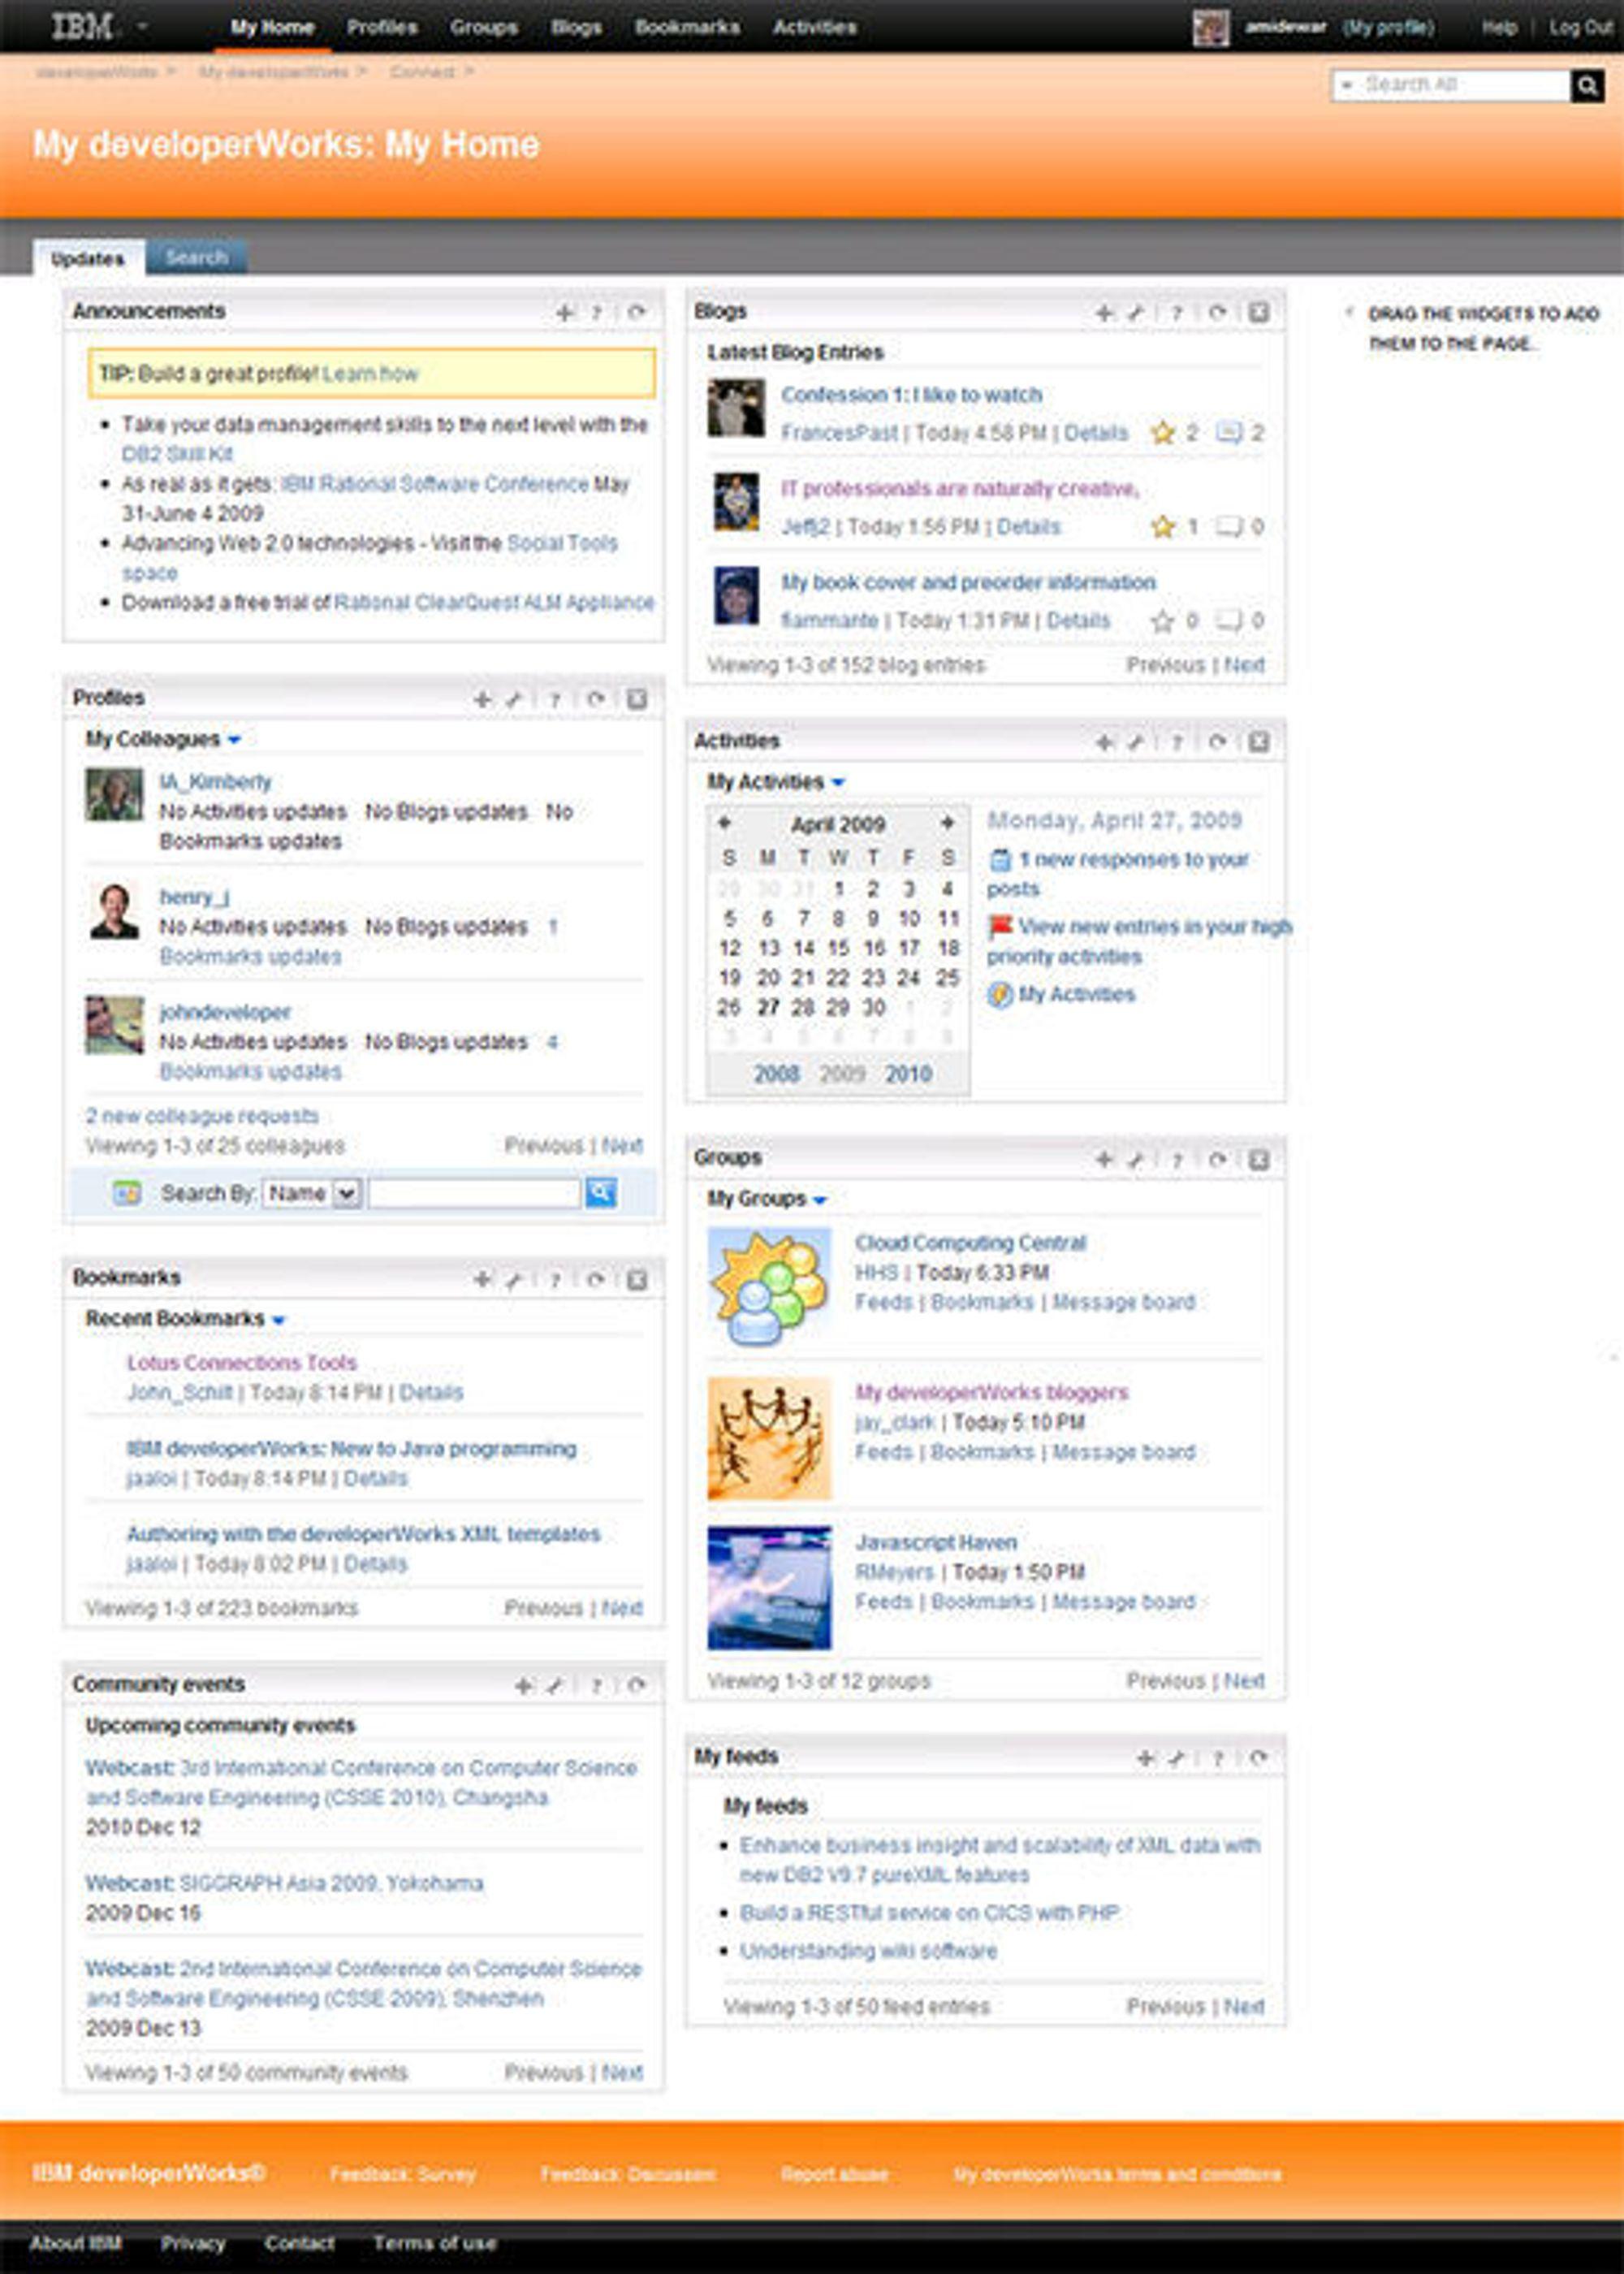 Eksempel på brukertilpasset hjemmeside i My developerWorks